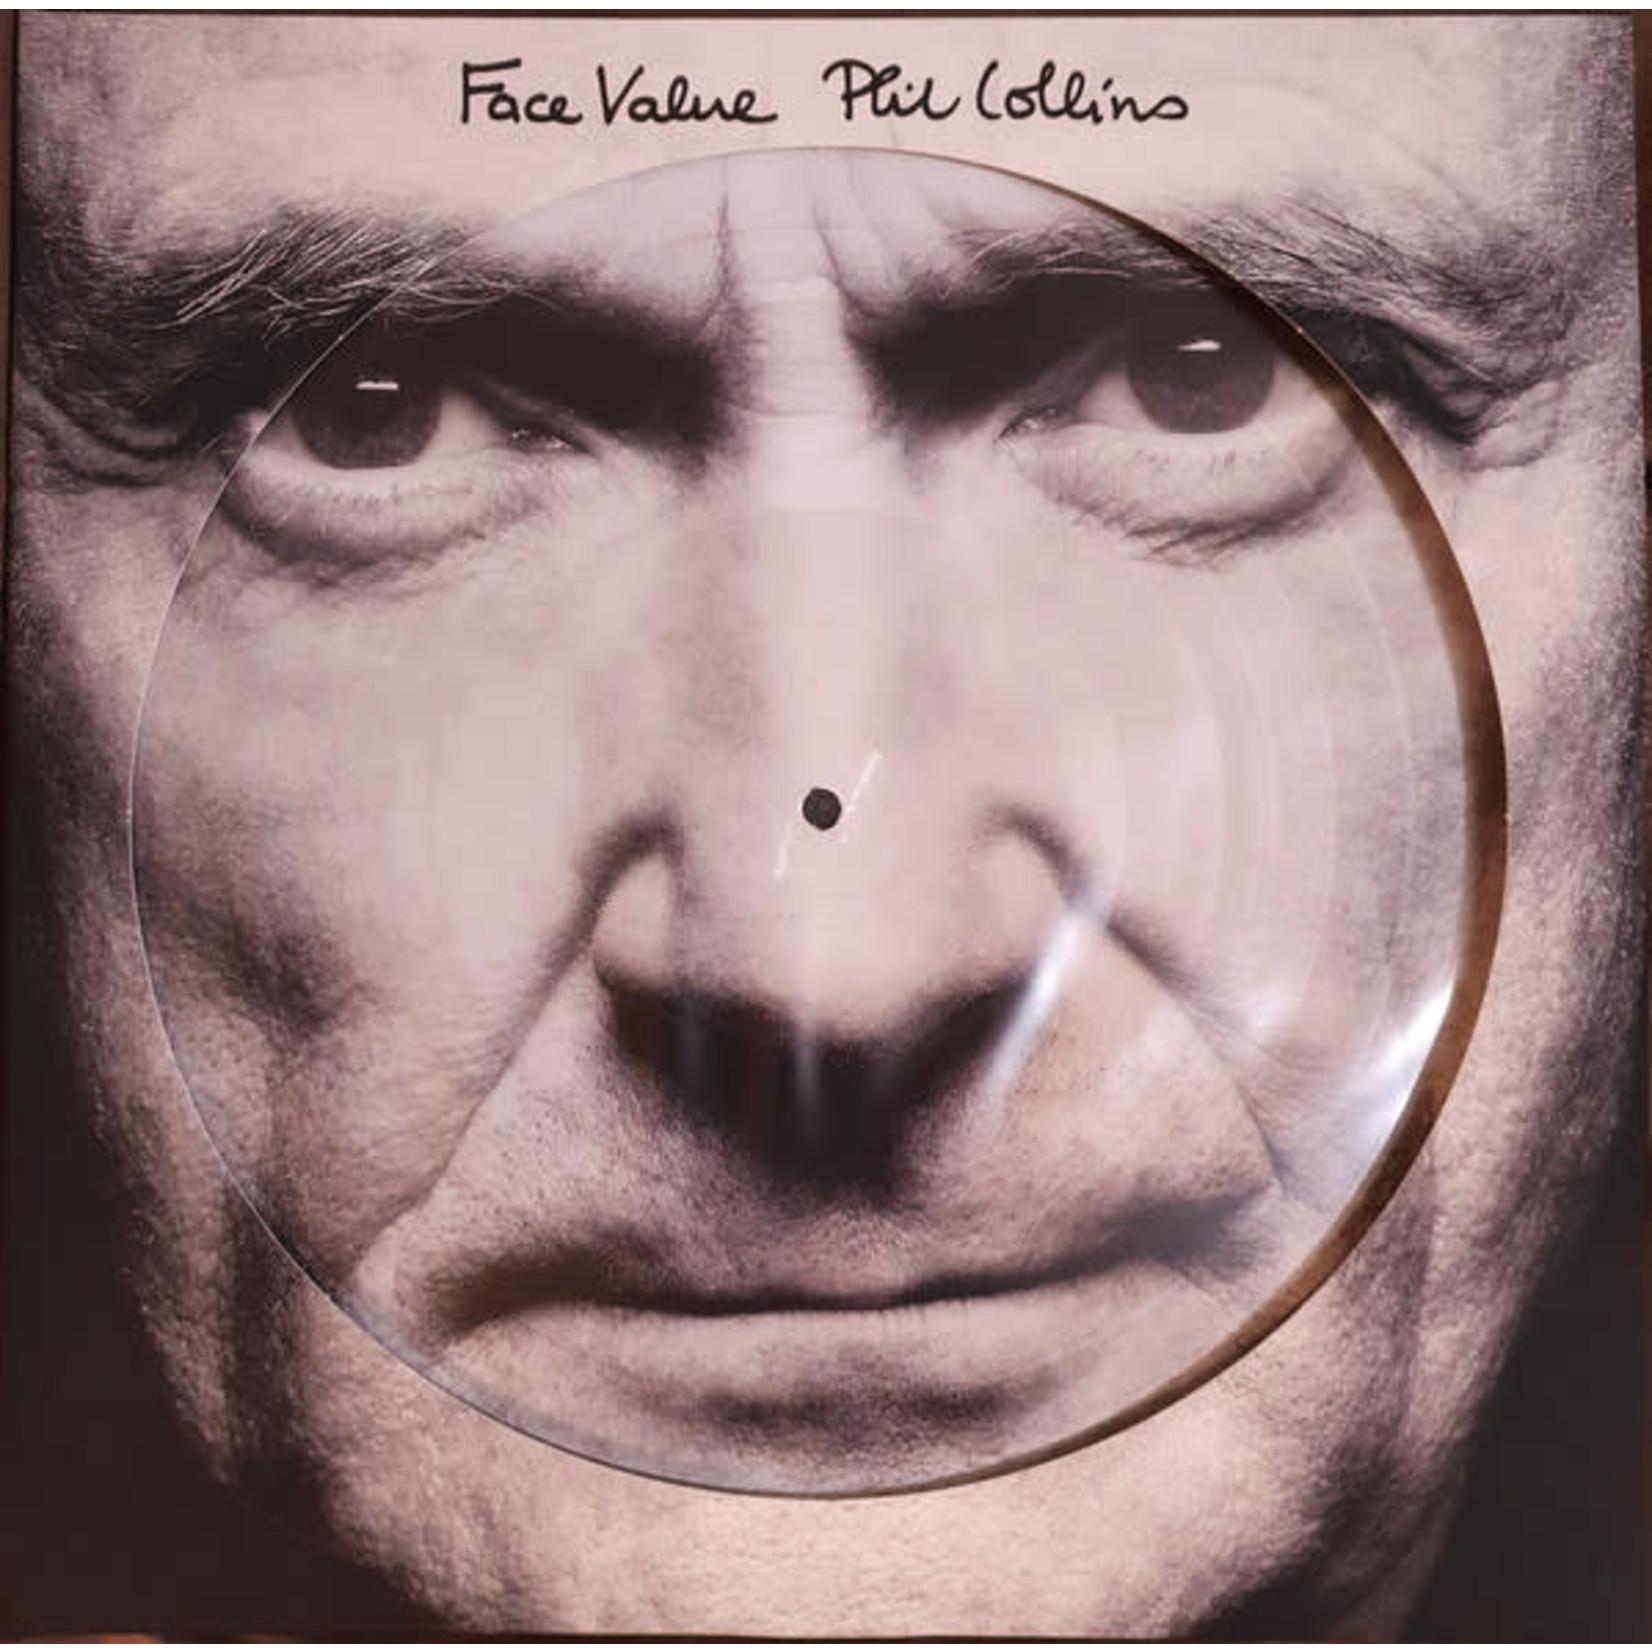 PHIL COLLINS FACE VALUE (PICTURE DISC LP)